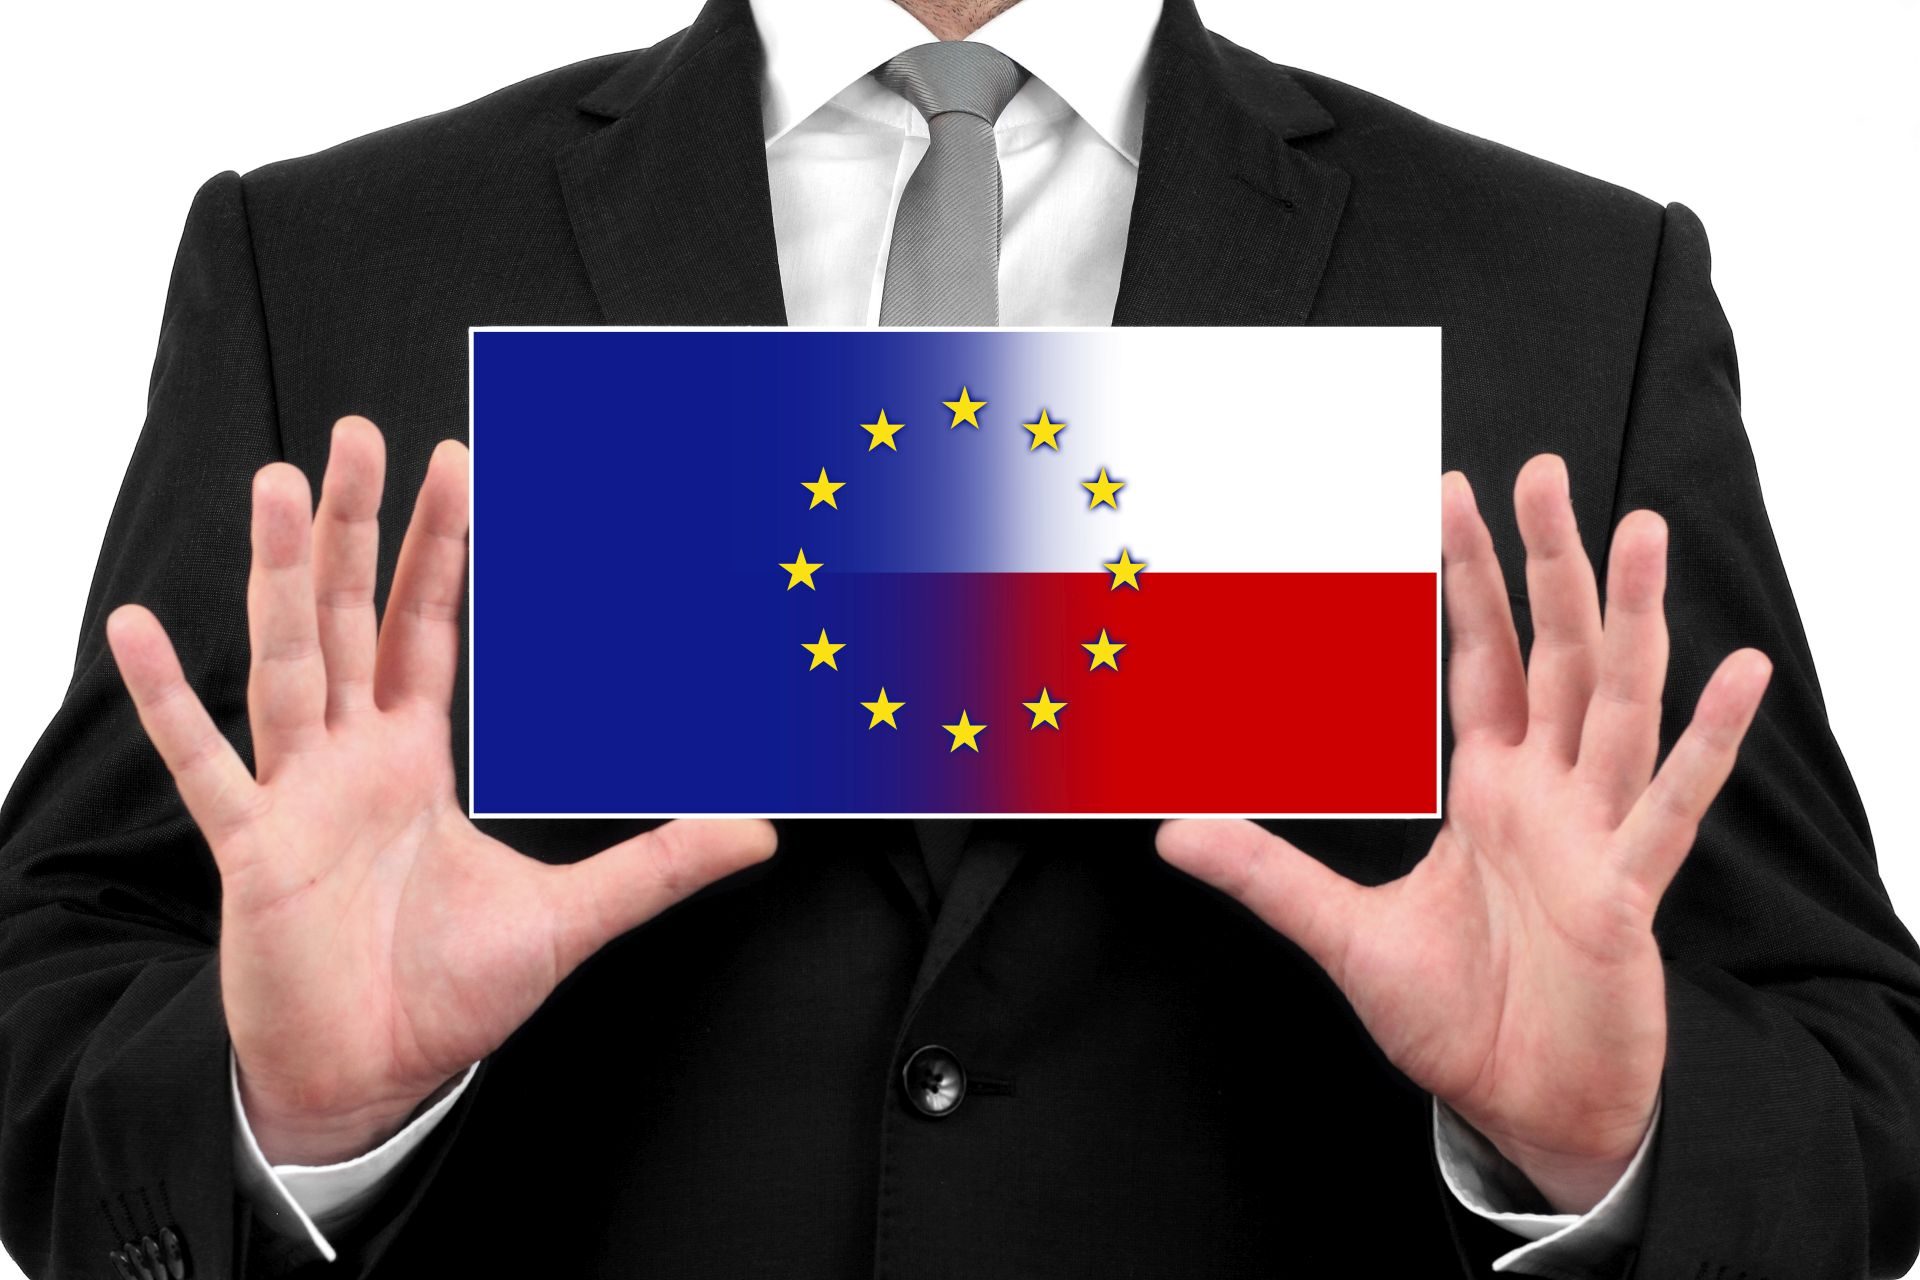 mężczyzna w garniturze trzyma w rękach obrazek, na których w połpowie jest flaga unijna i flaga Polski